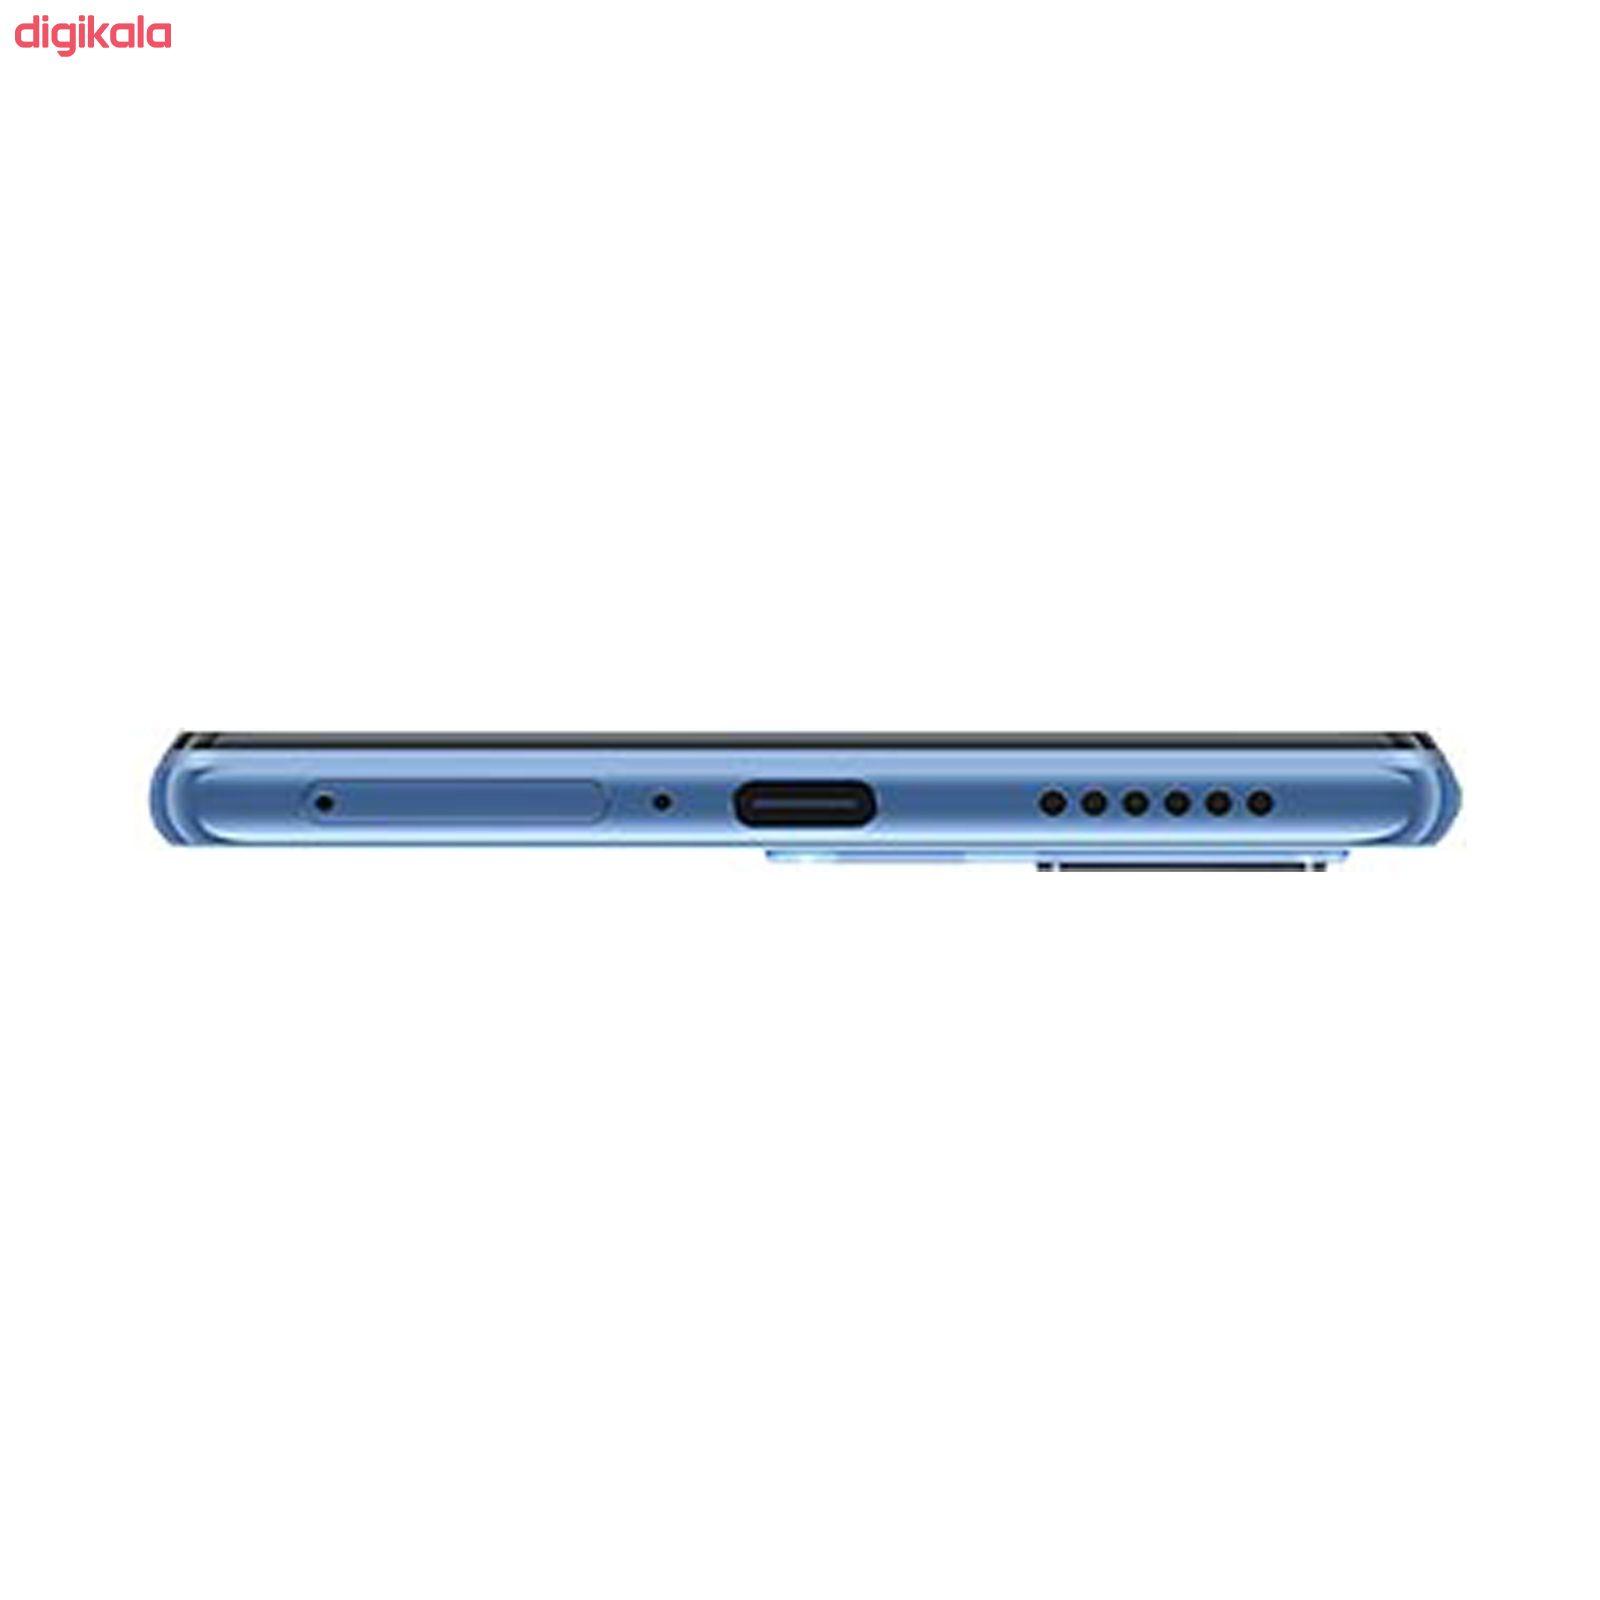 گوشی موبایل شیائومی مدل Mi 11 Lite M2101K9AG NFC دو سیم کارت ظرفیت 128 گیگابایت و 8 گیگابایت رم